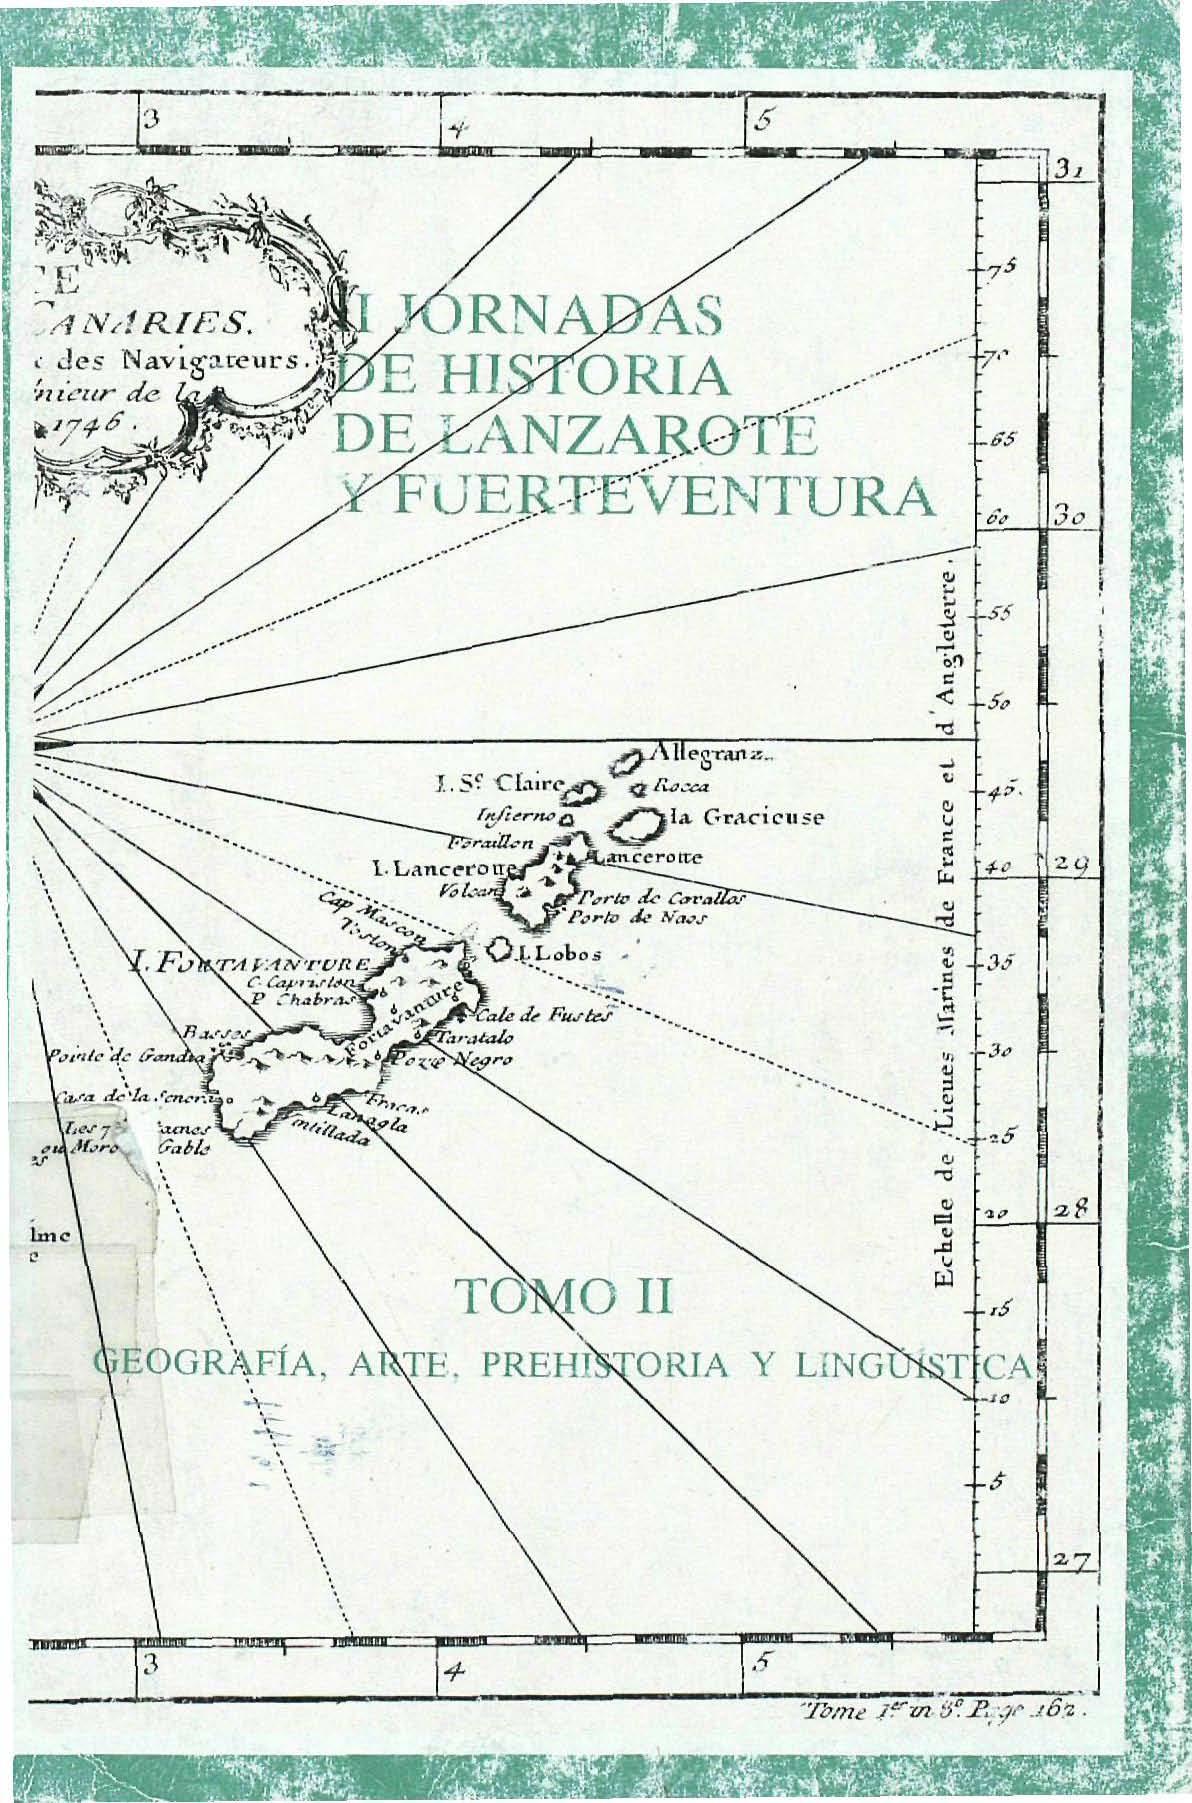 Conflictividad económica en la decadencia del modo de producción feudal en Lanzarote y Fuerteventura: la orchilla y la barrilla